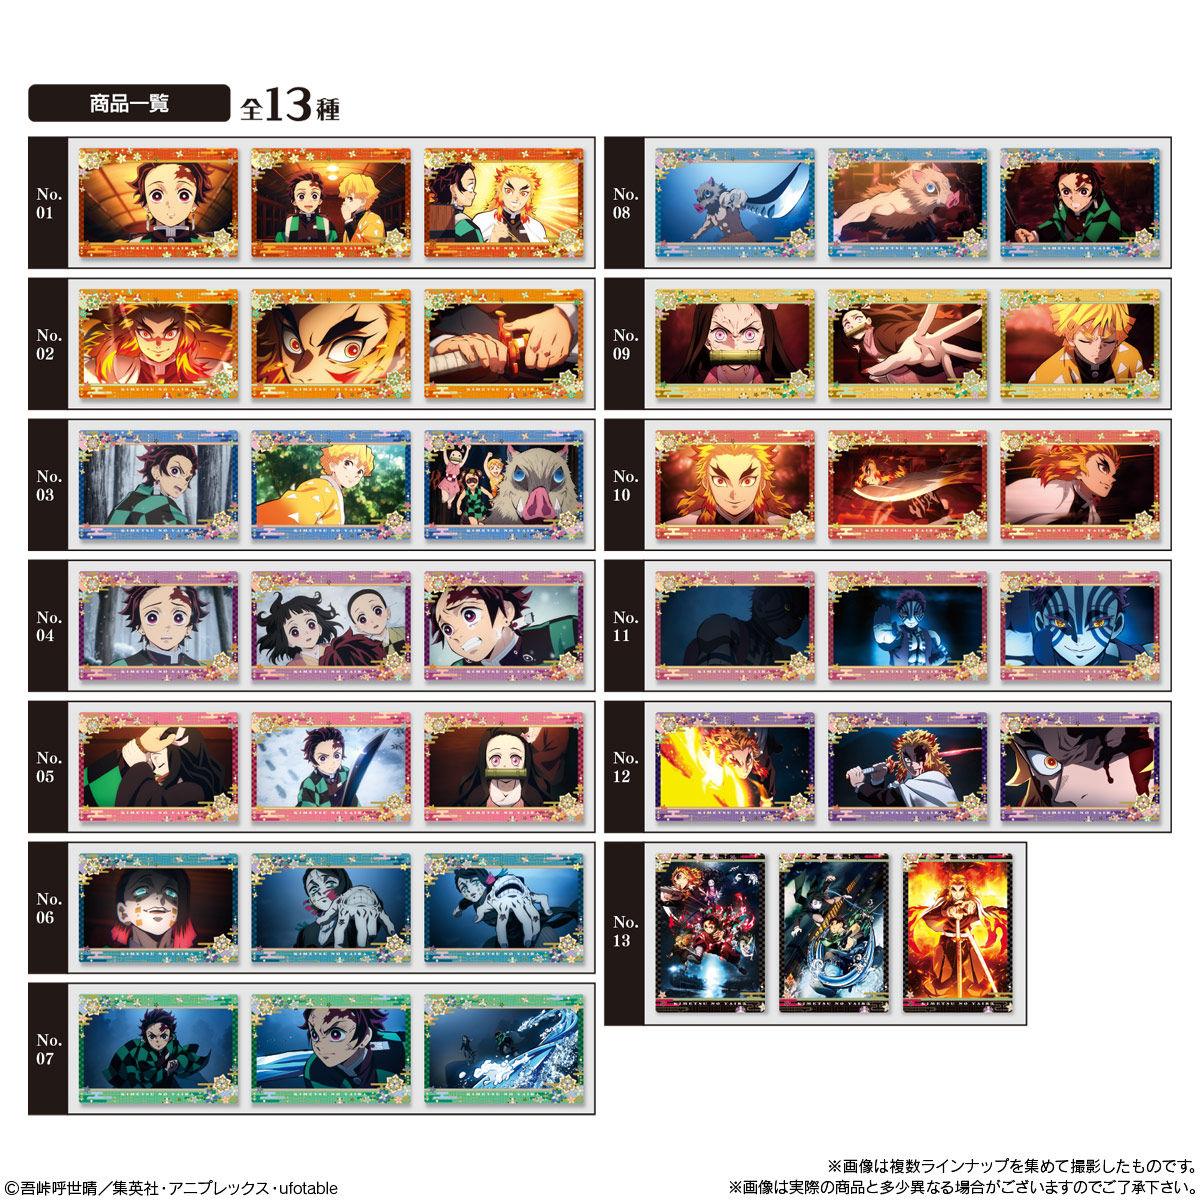 劇場版「鬼滅の刃」無限列車編 名場面回顧カードチョコスナック3_9